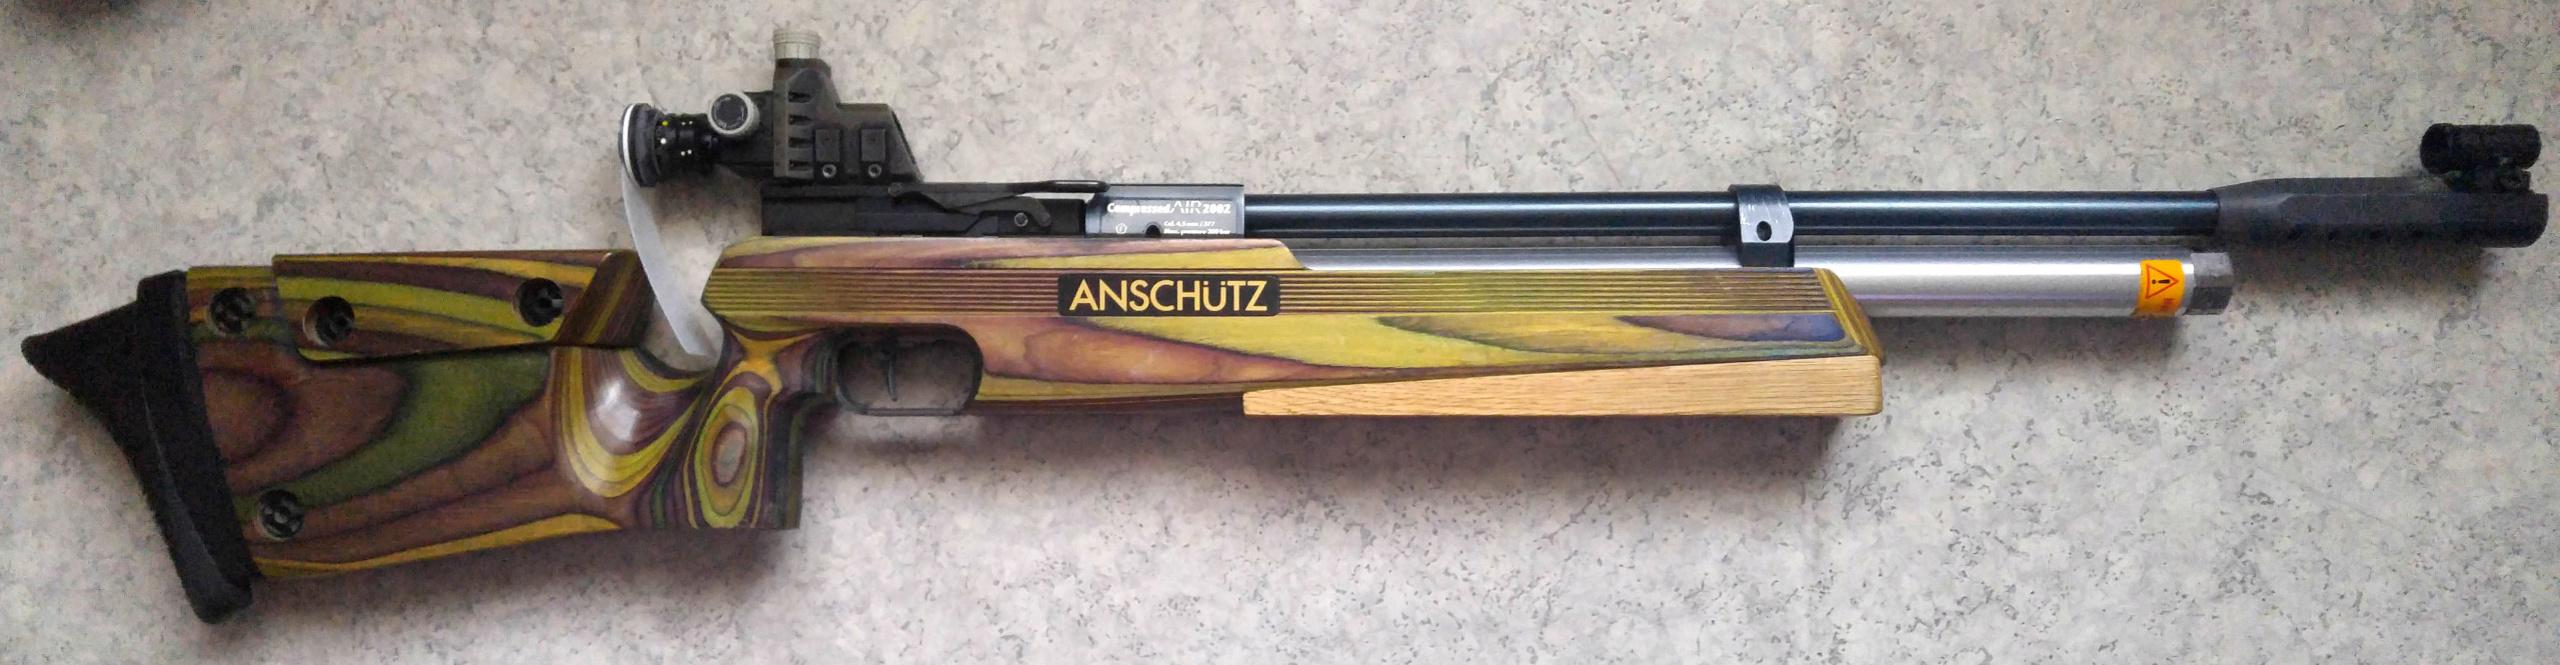 Anschutz 2001/2002 Super air 20200510